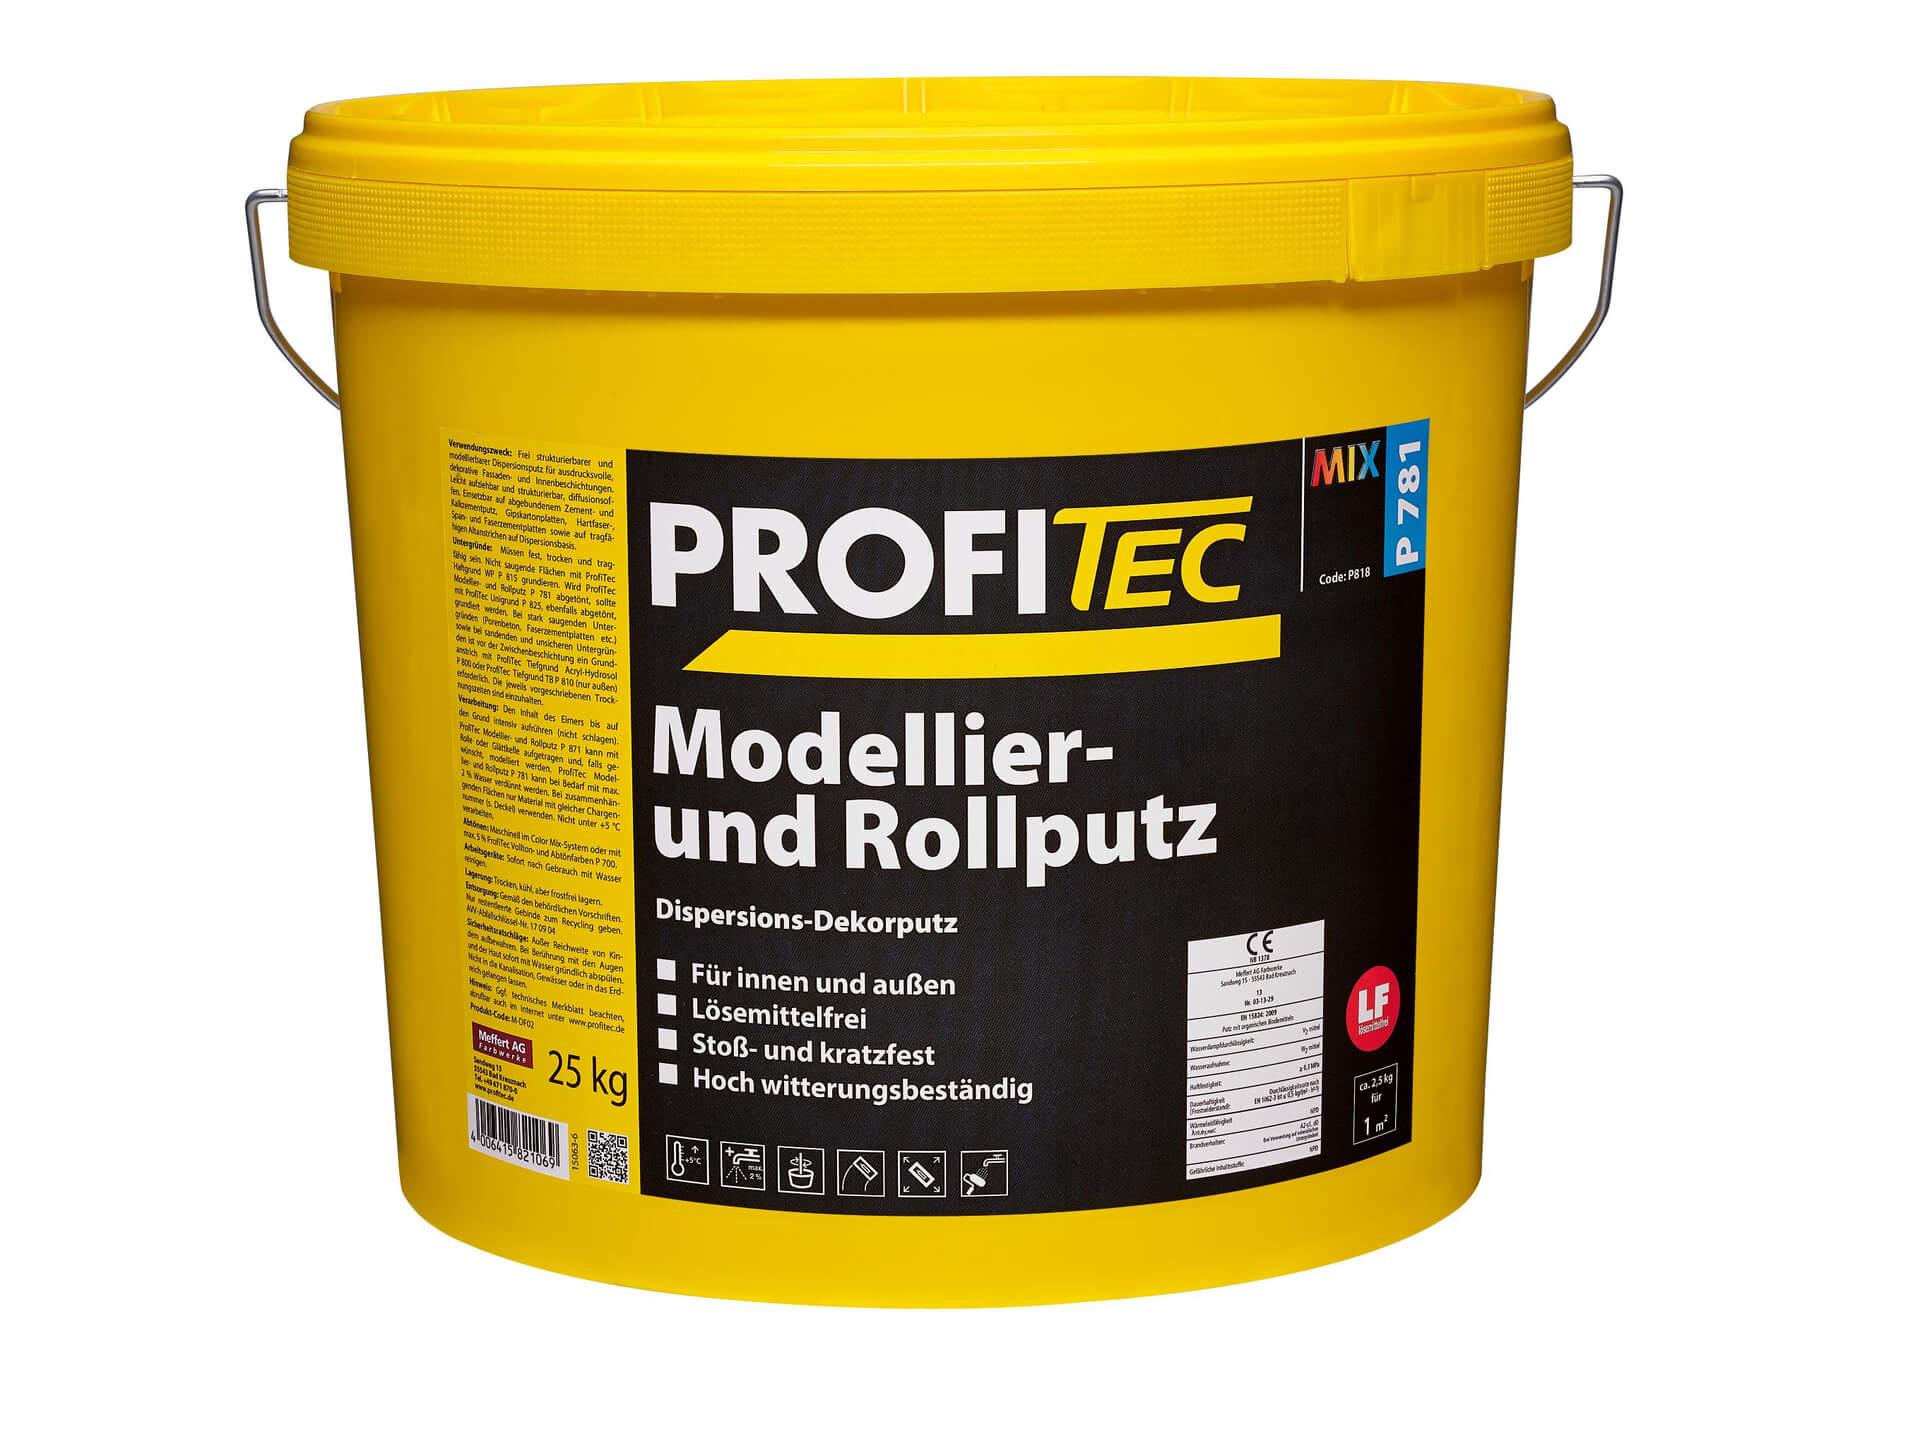 Modellier- und Rollputz P 781